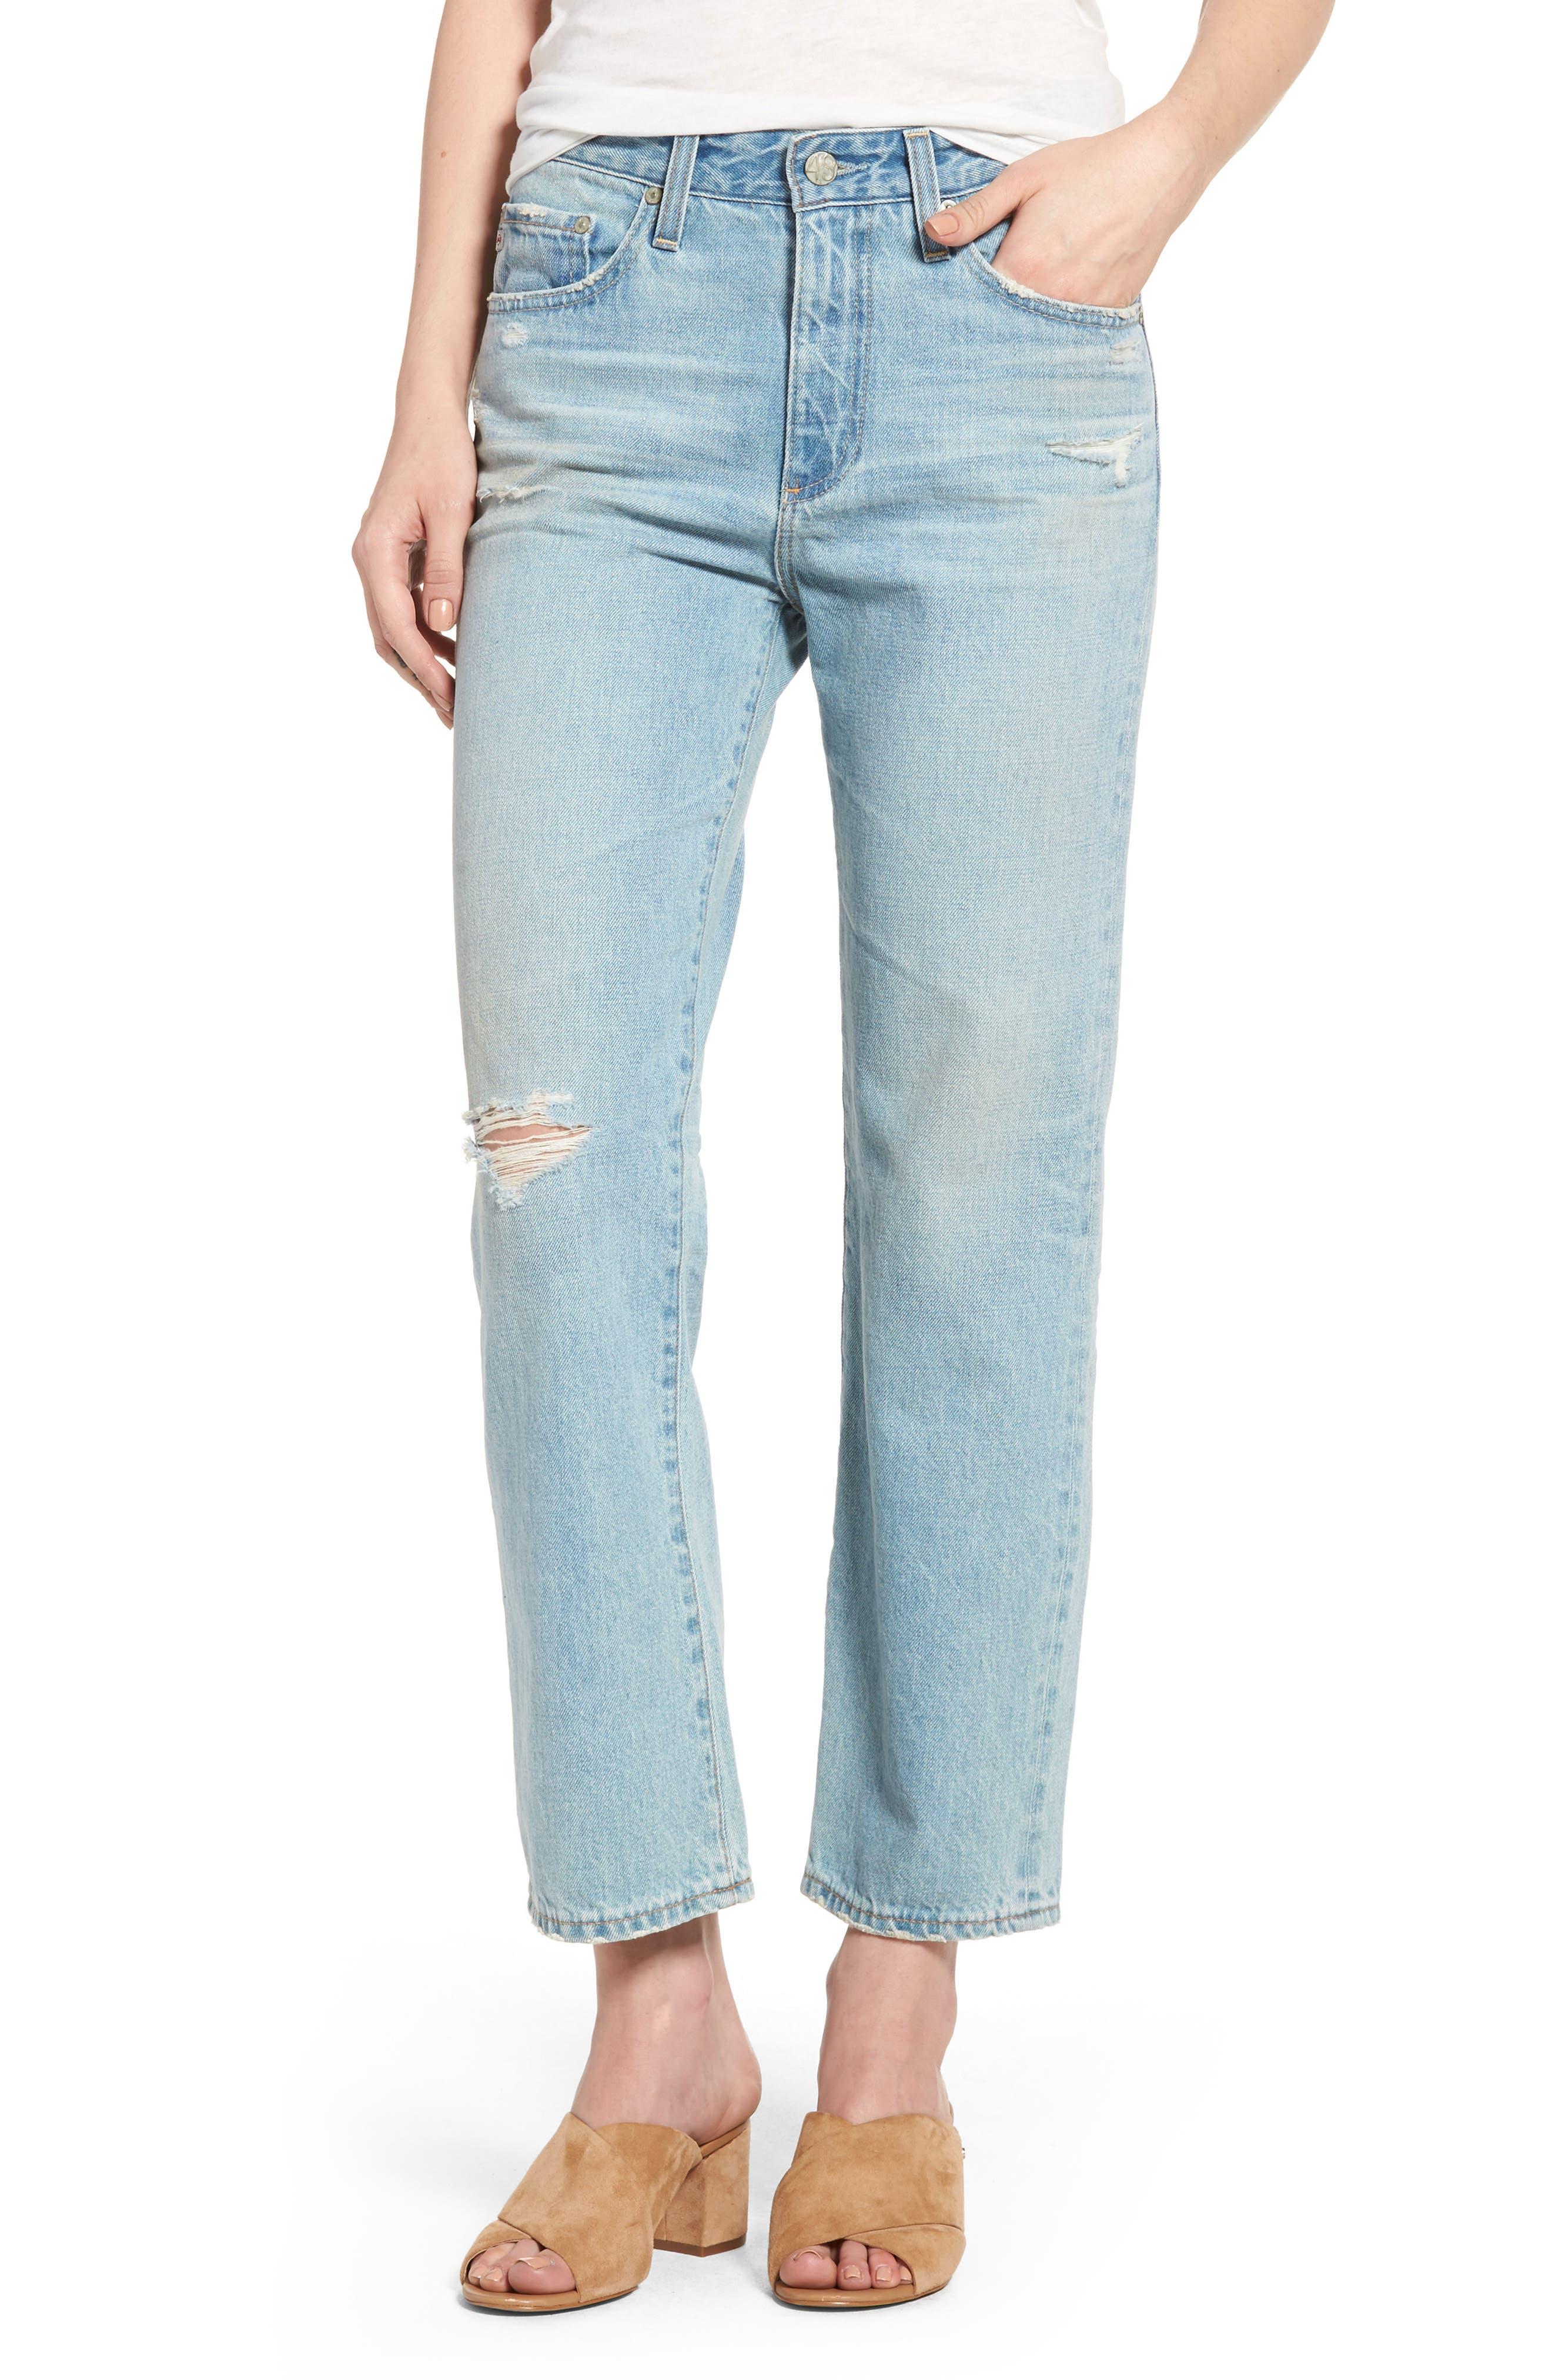 The Rhett Vintage High Waist Crop Jeans,                             Main thumbnail 1, color,                             21 Years Cades Blue